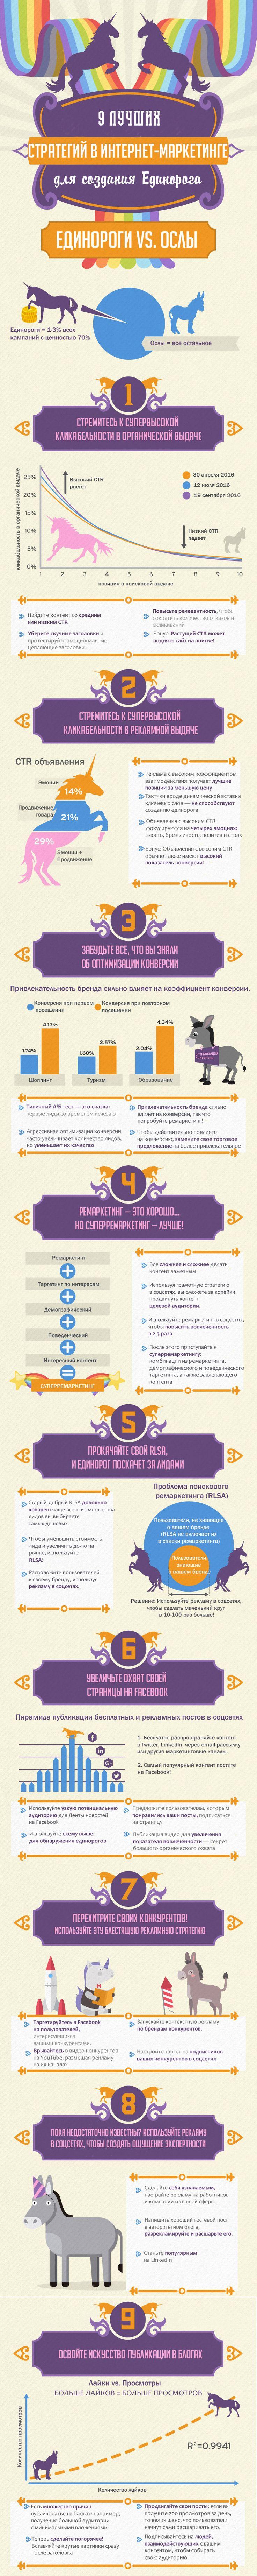 Анна Тараненко                                                                               29 декабря 2016                                                                                                                             Инфографика о создании маркетингового единорога                                          Единорог — это одна из 1-3% волшебных кампа...